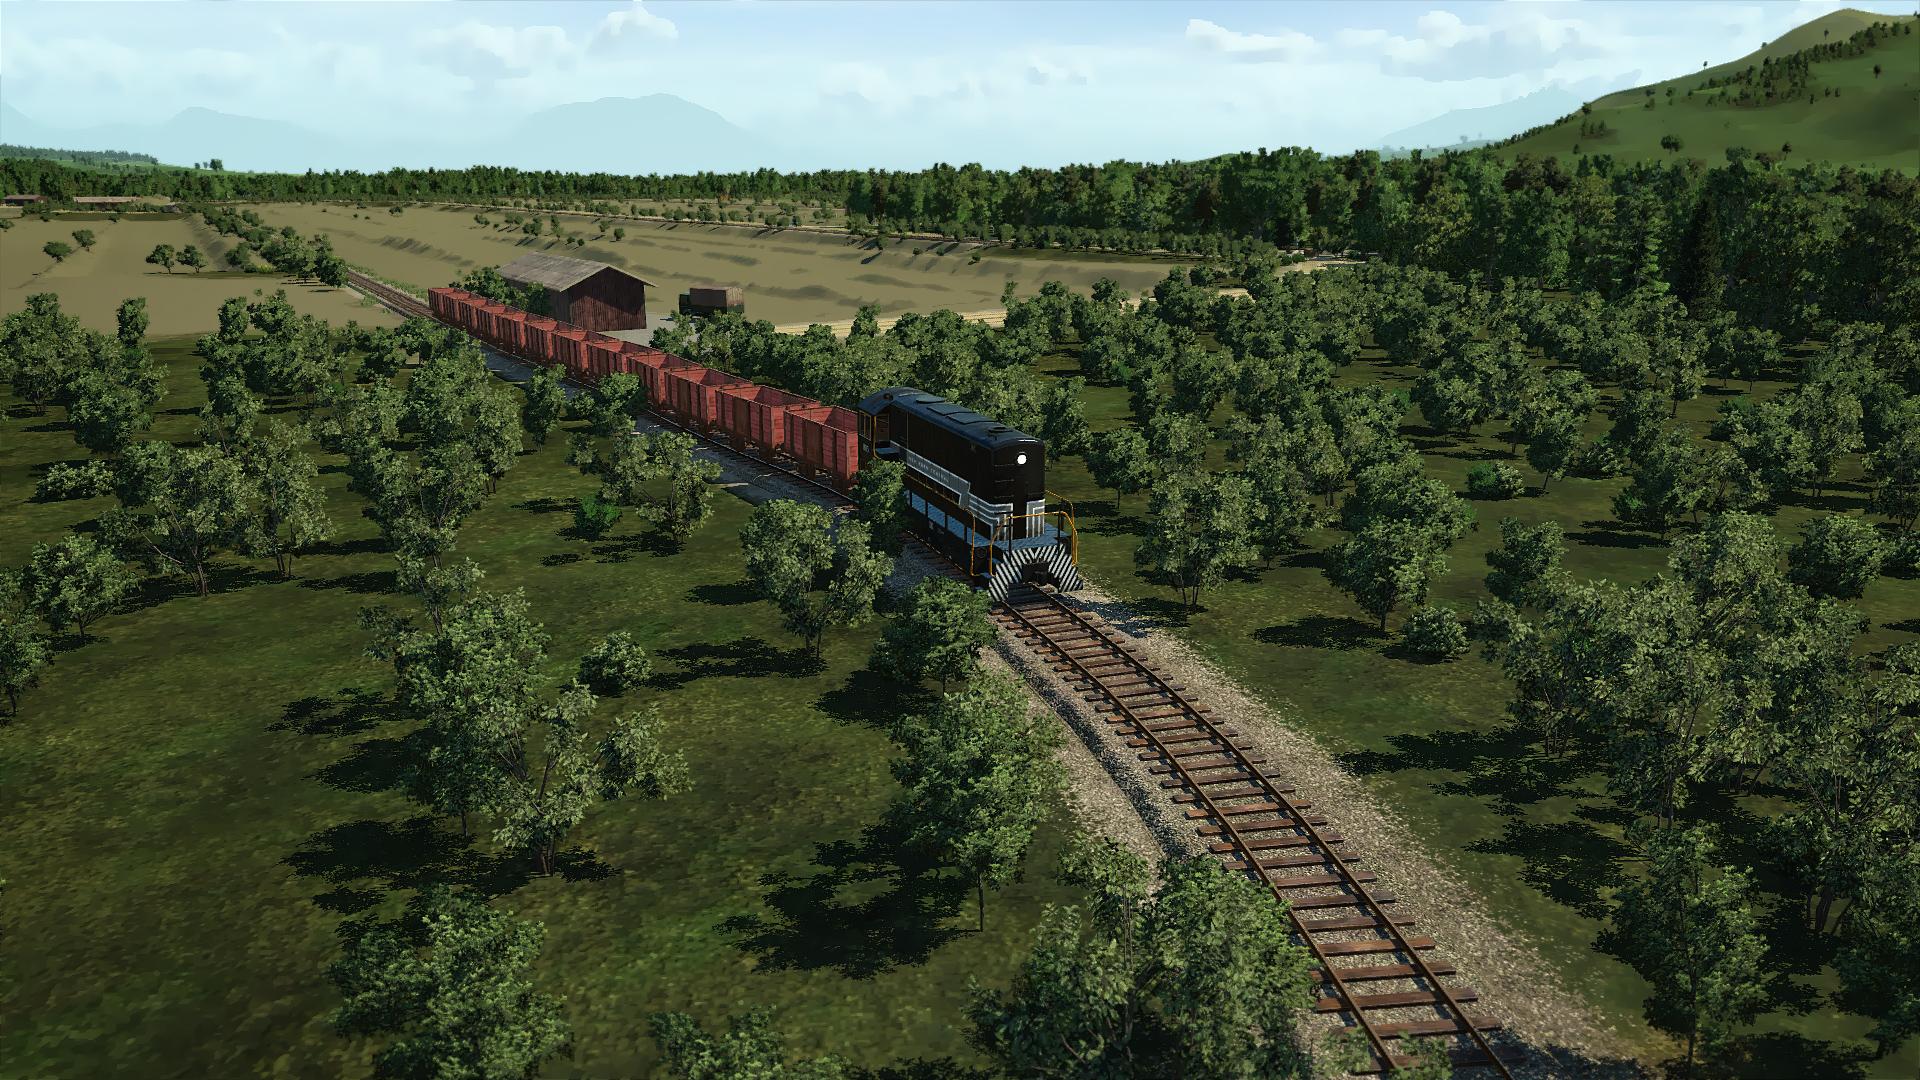 Bockerlbahn_Weidmoos_Modellbahn_007.jpg